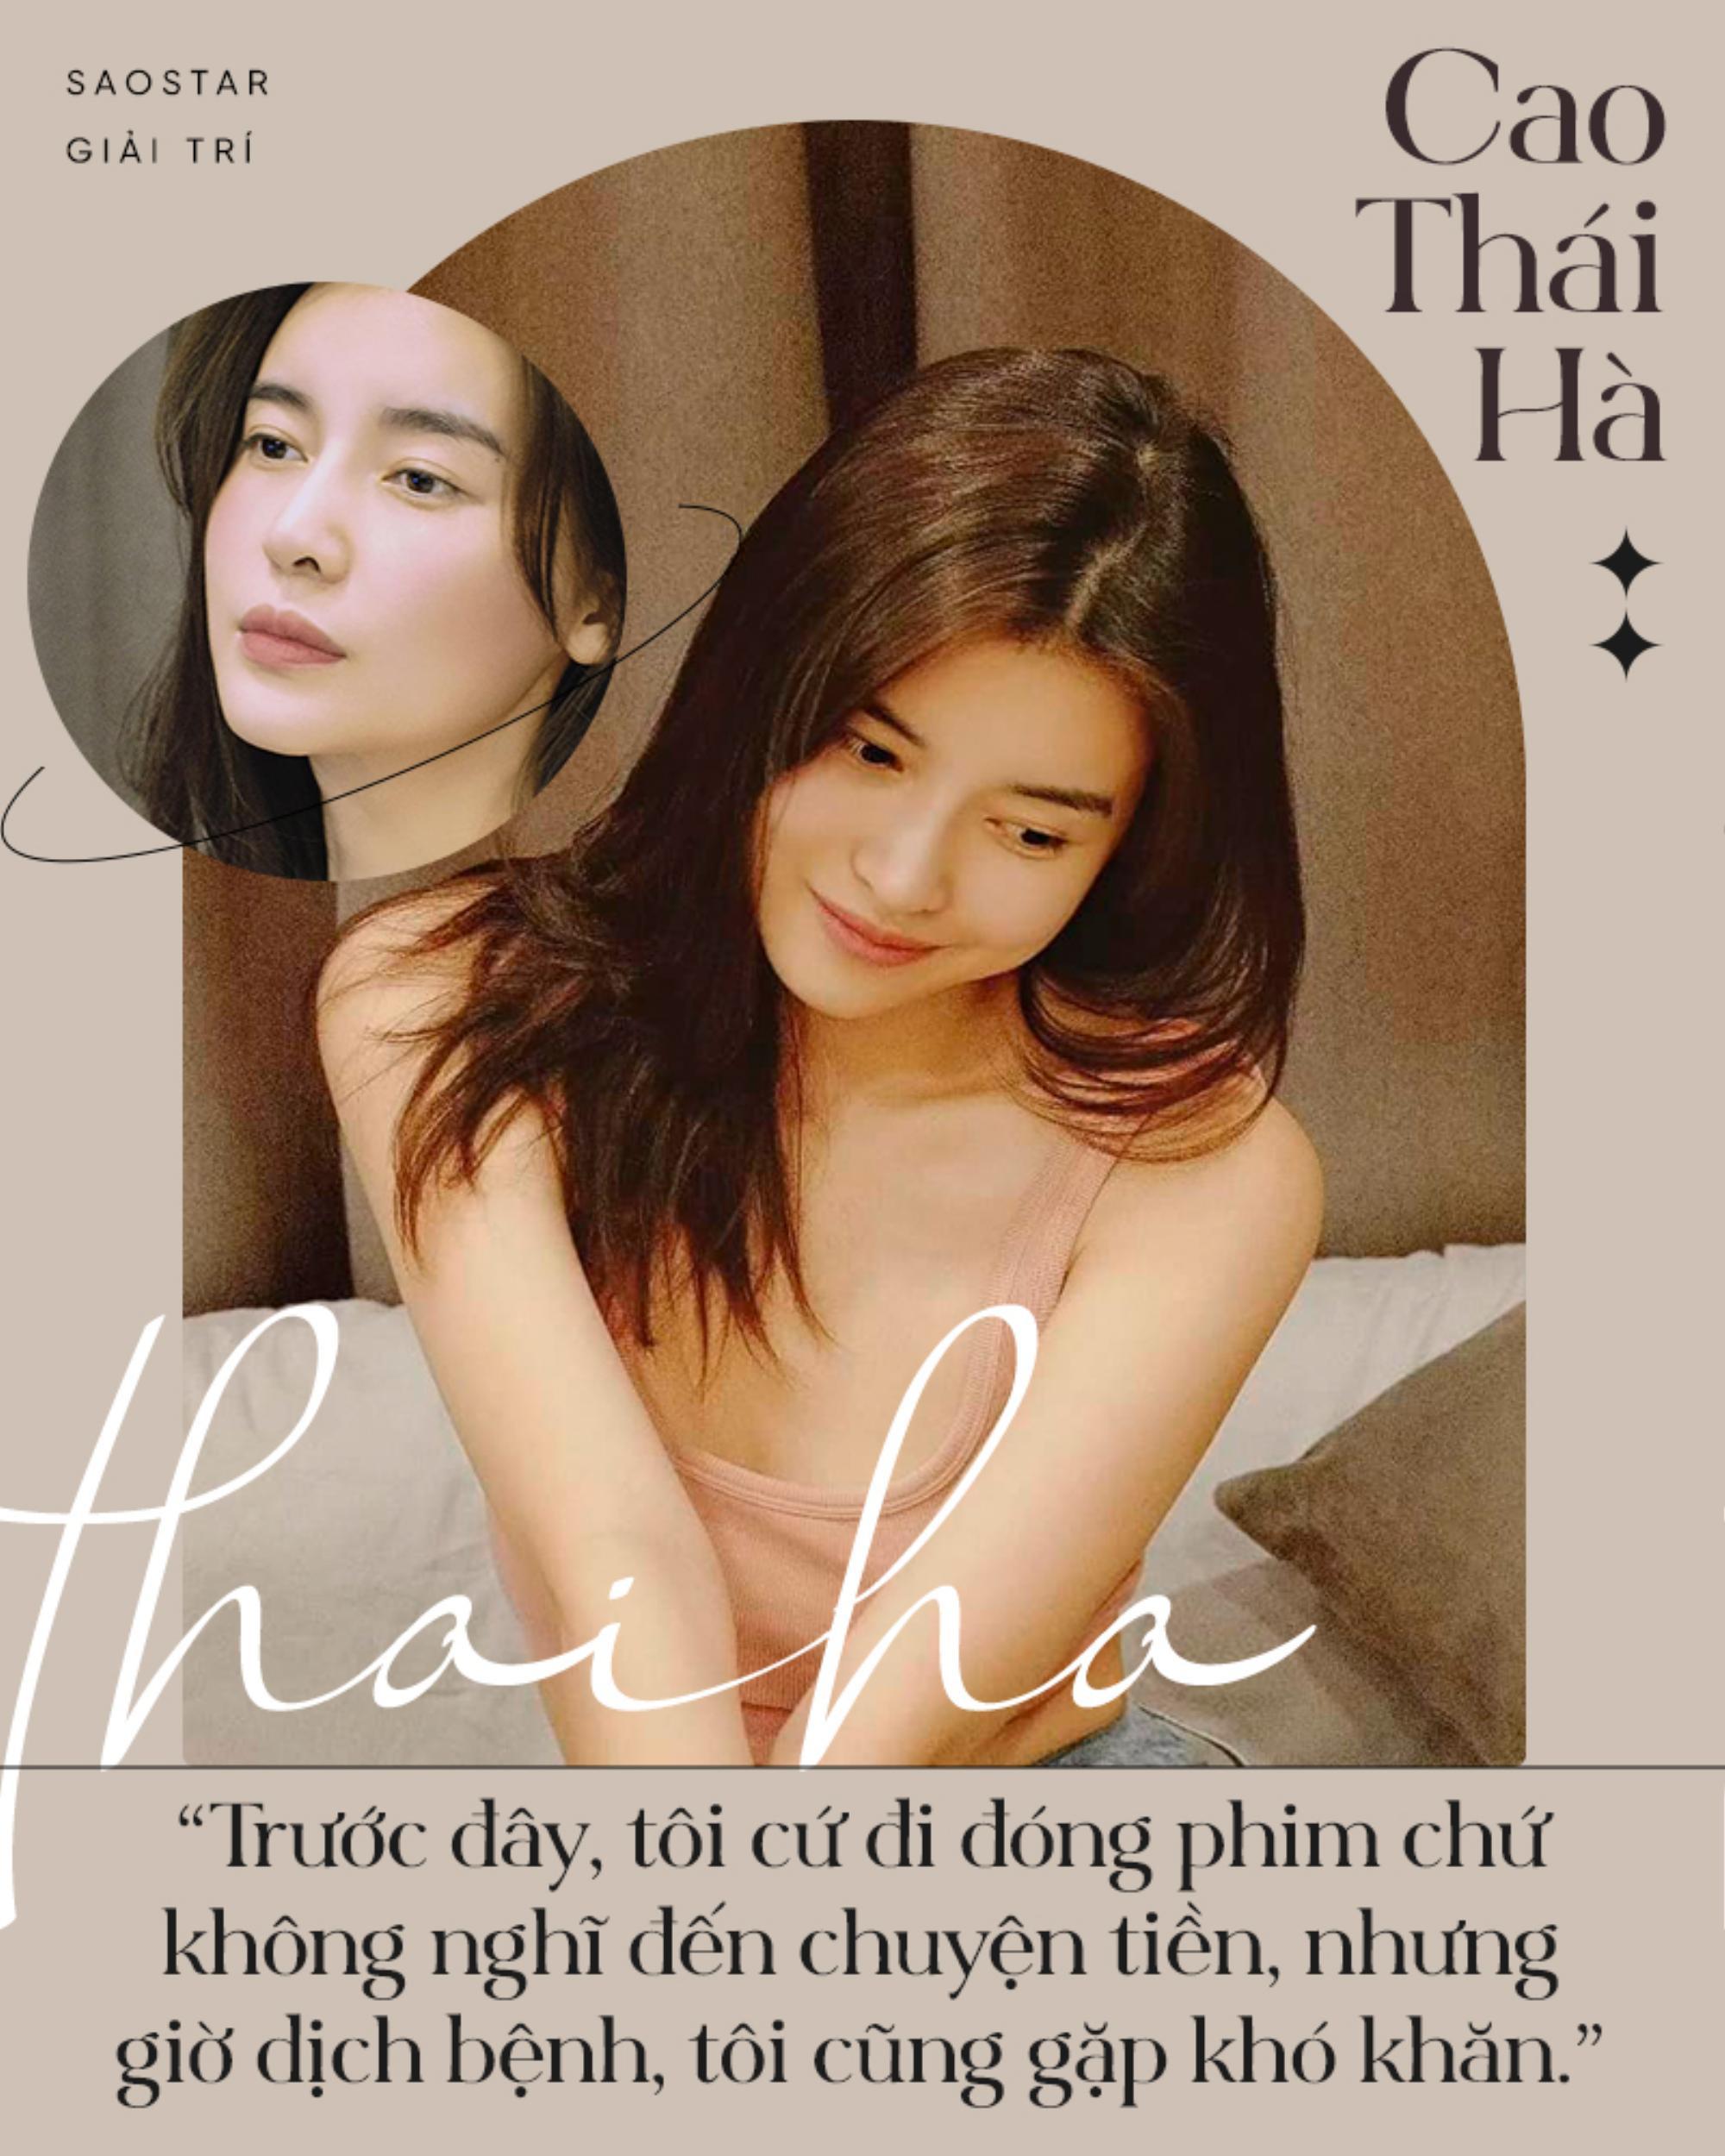 Cao Thái Hà: Chưa từng nghĩ phải vượt qua nỗi đau mất người thân, chọn sống tích cực để đối diện mọi thứ Ảnh 3